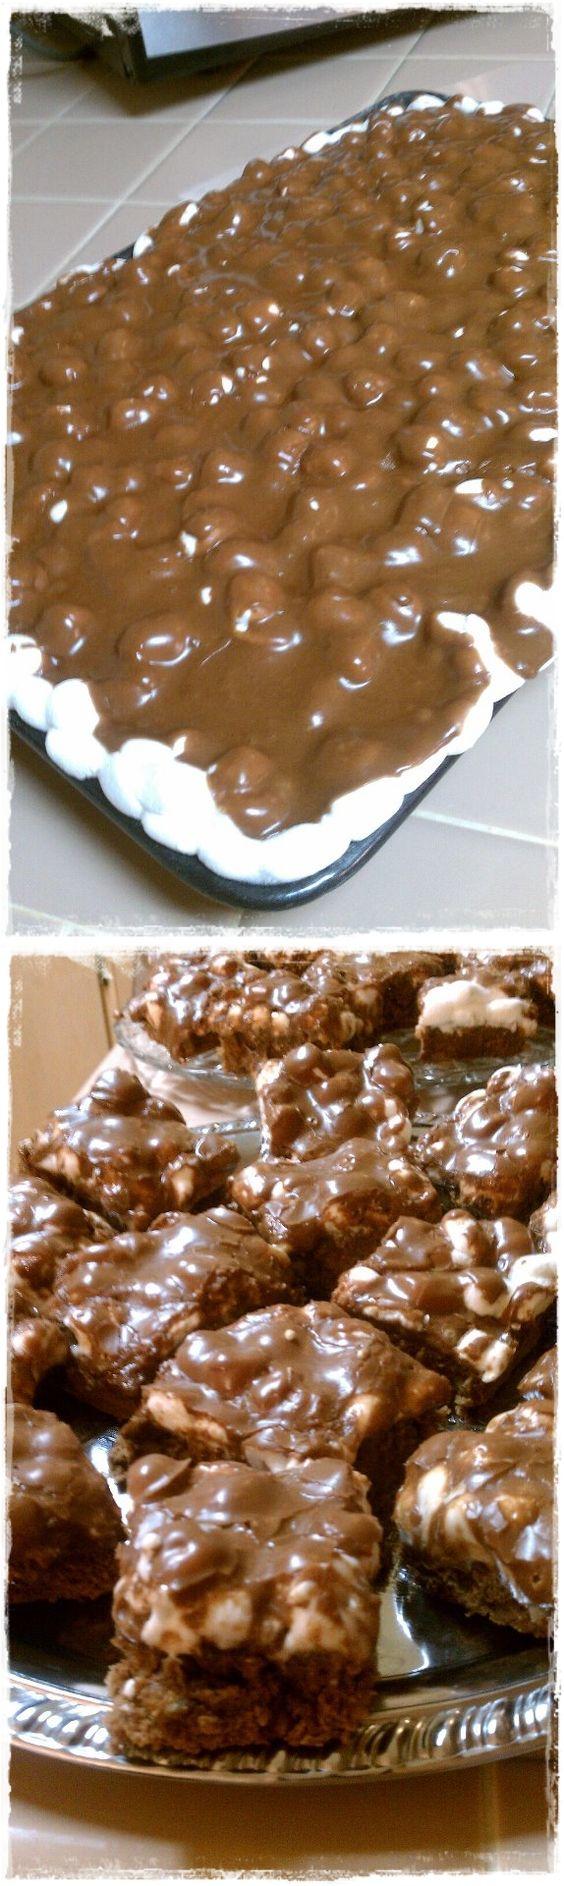 ... mississippi mud mississippi mud cake mud cake mississippi mud cakes